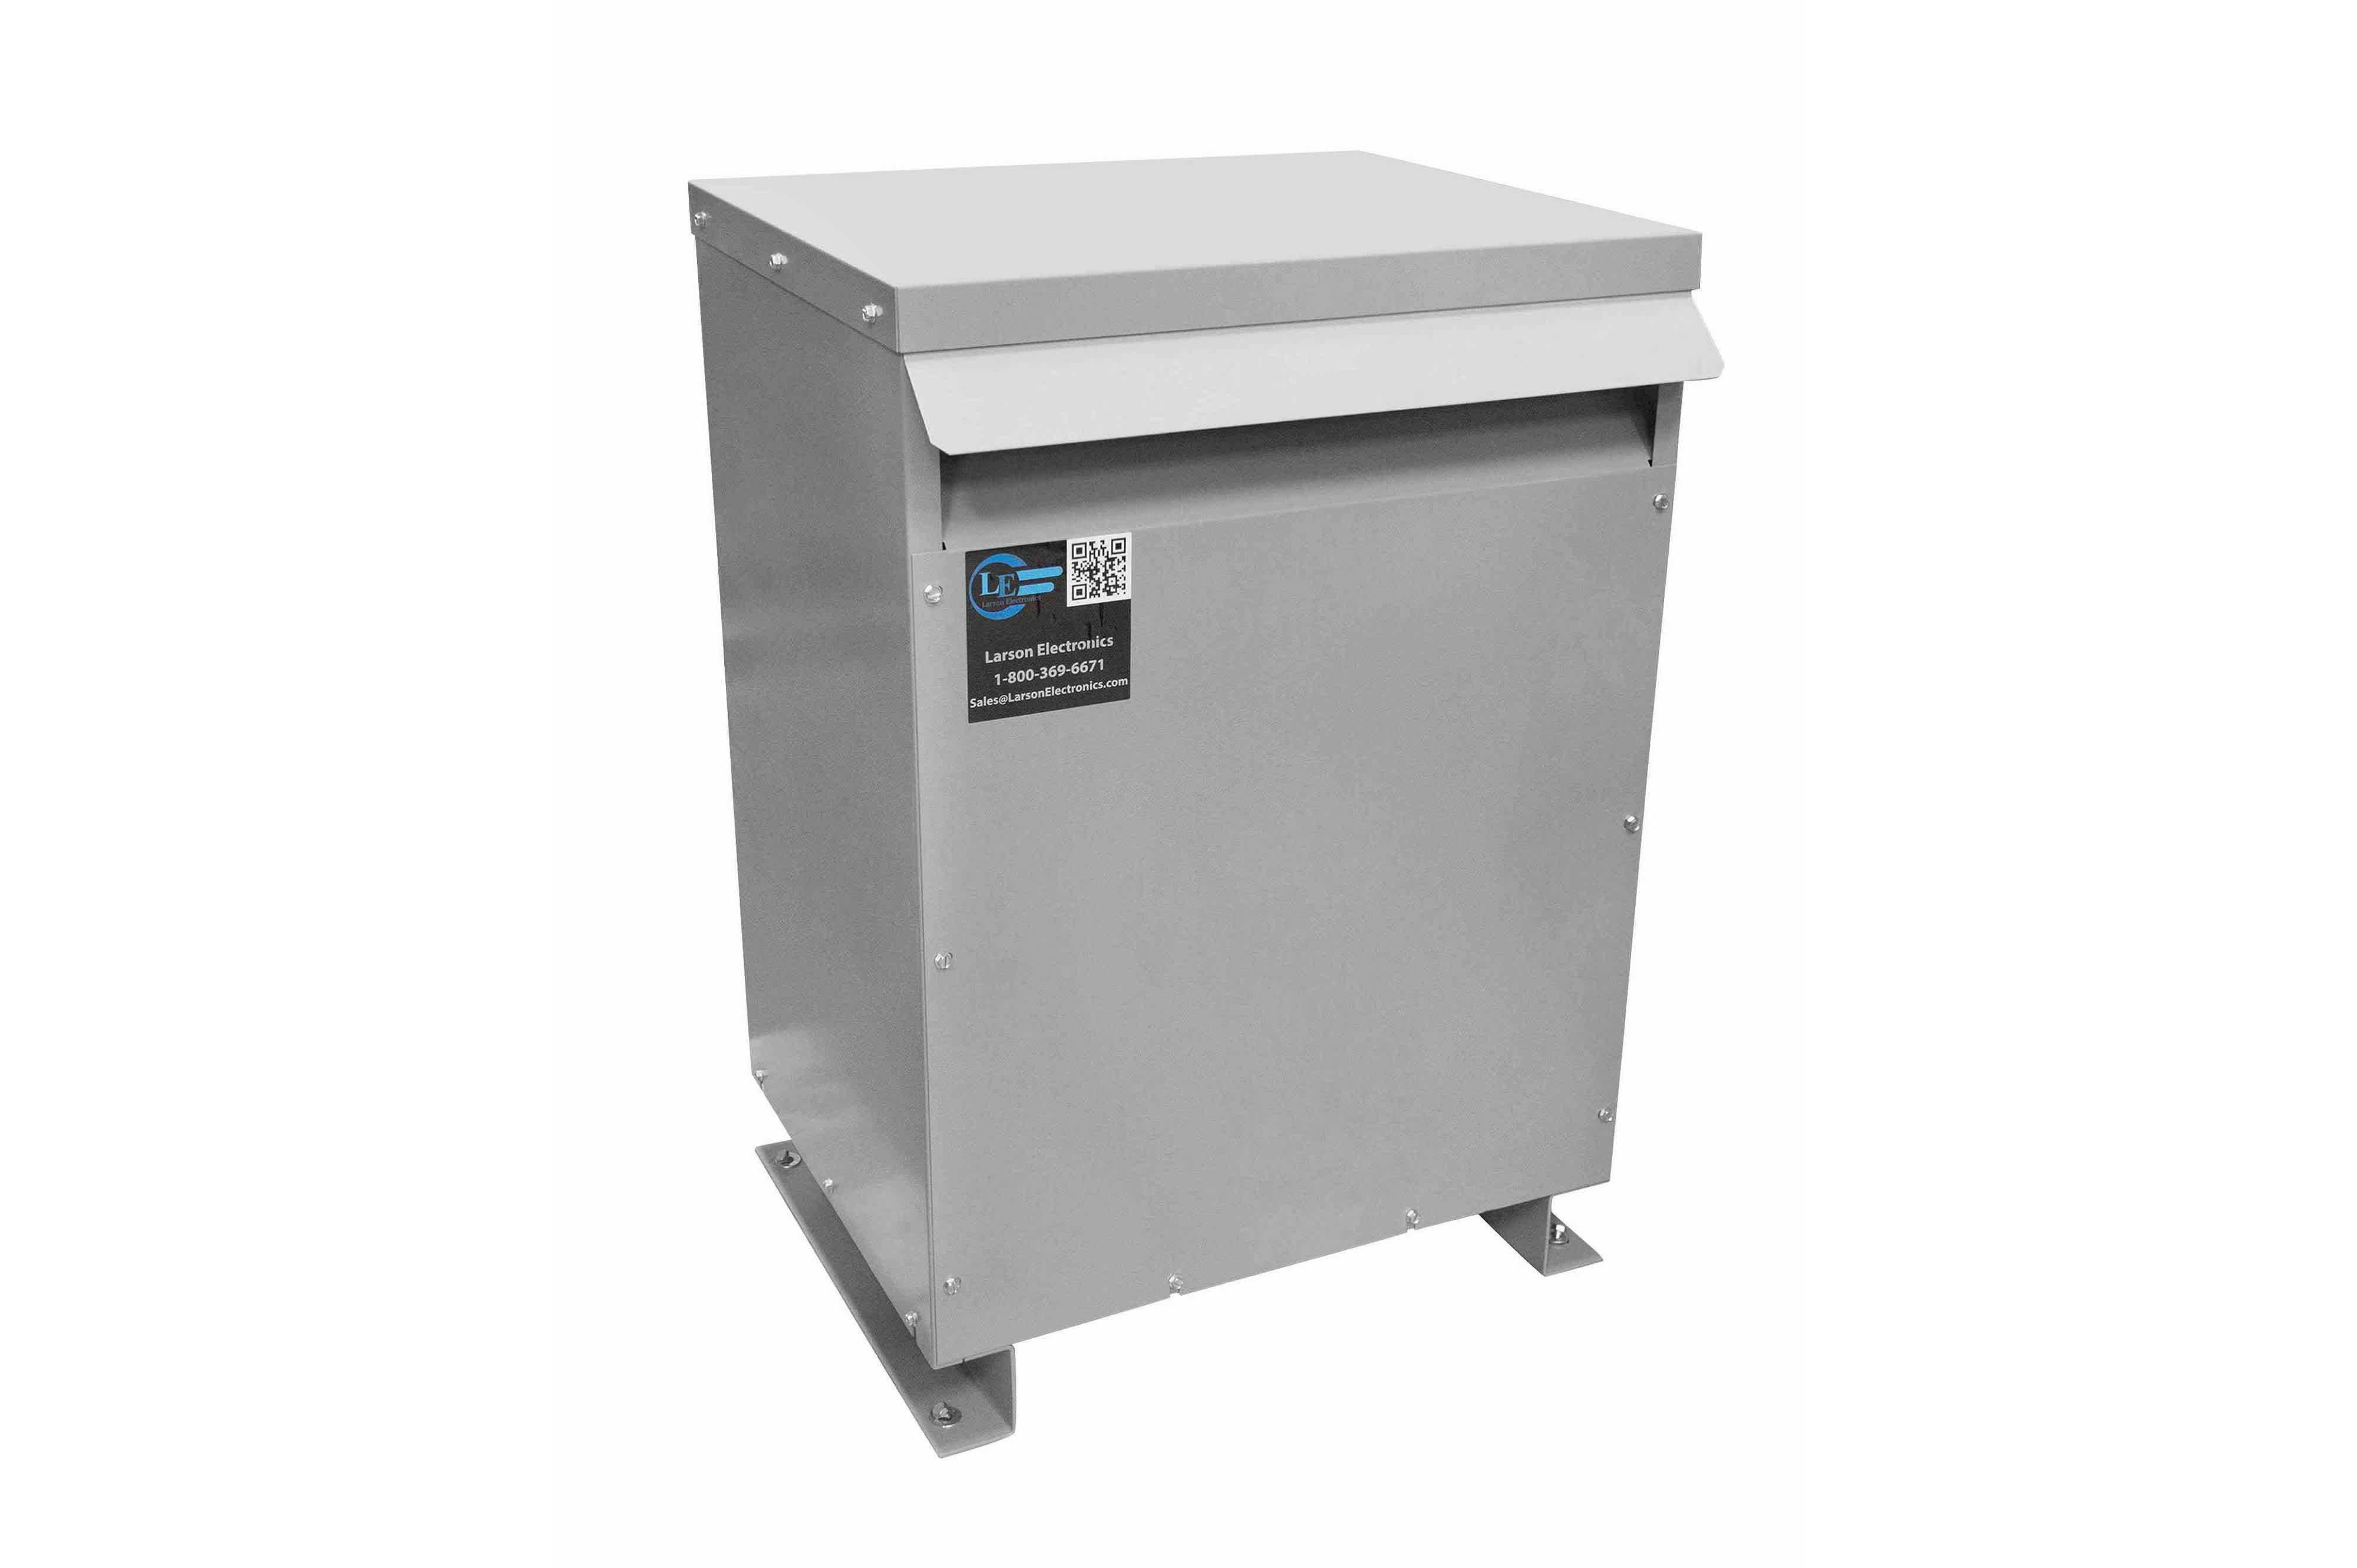 11 kVA 3PH Isolation Transformer, 415V Delta Primary, 600V Delta Secondary, N3R, Ventilated, 60 Hz